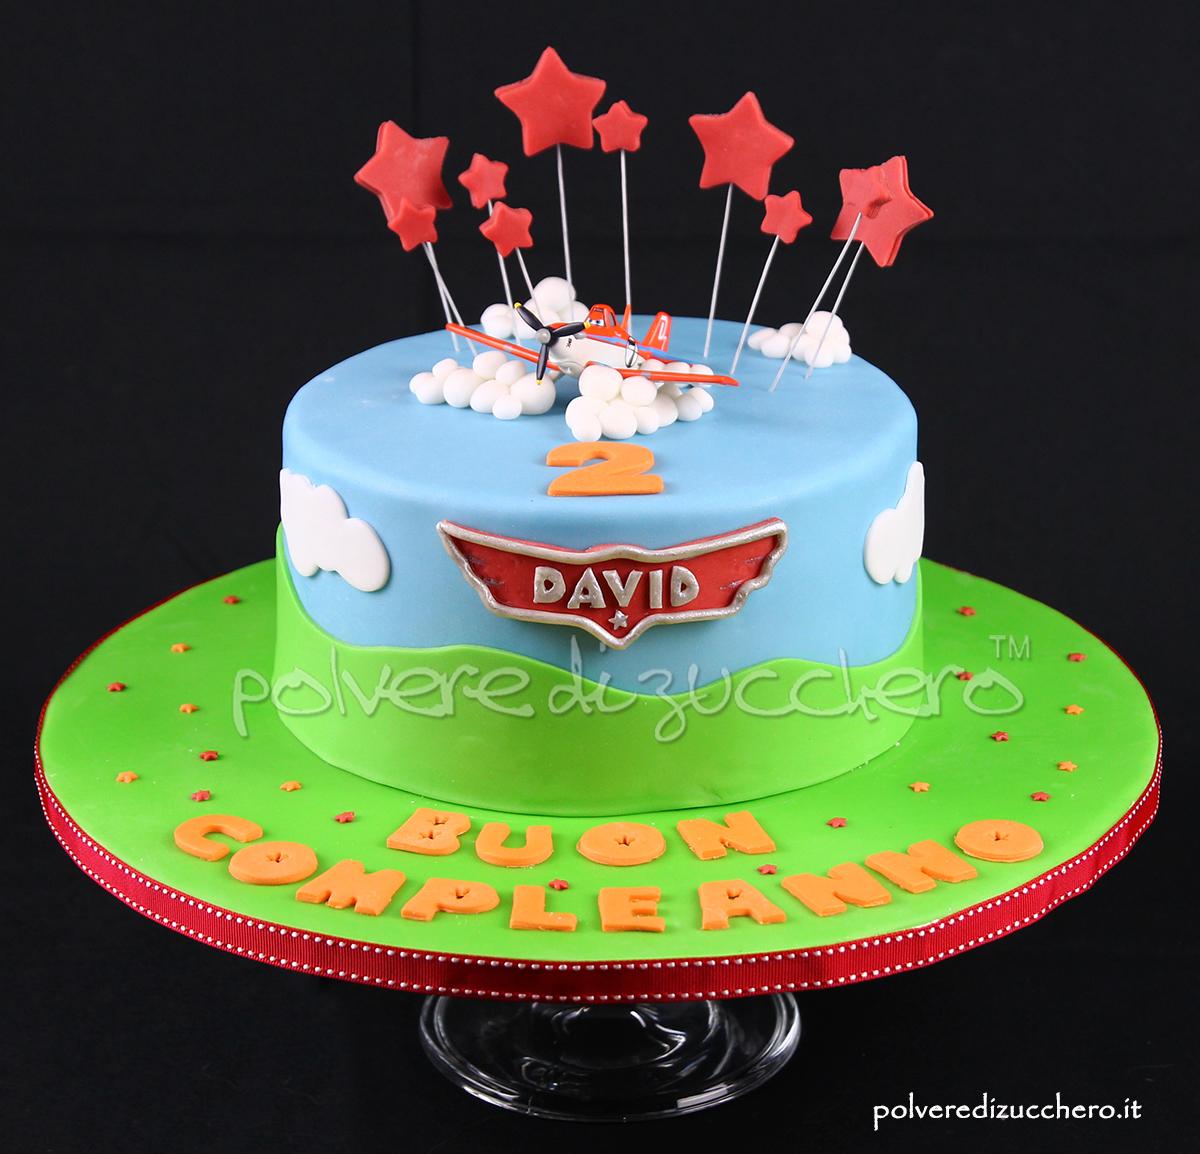 torta decorata cake design polvere di zucchero planes disney giocattolo aereoplano